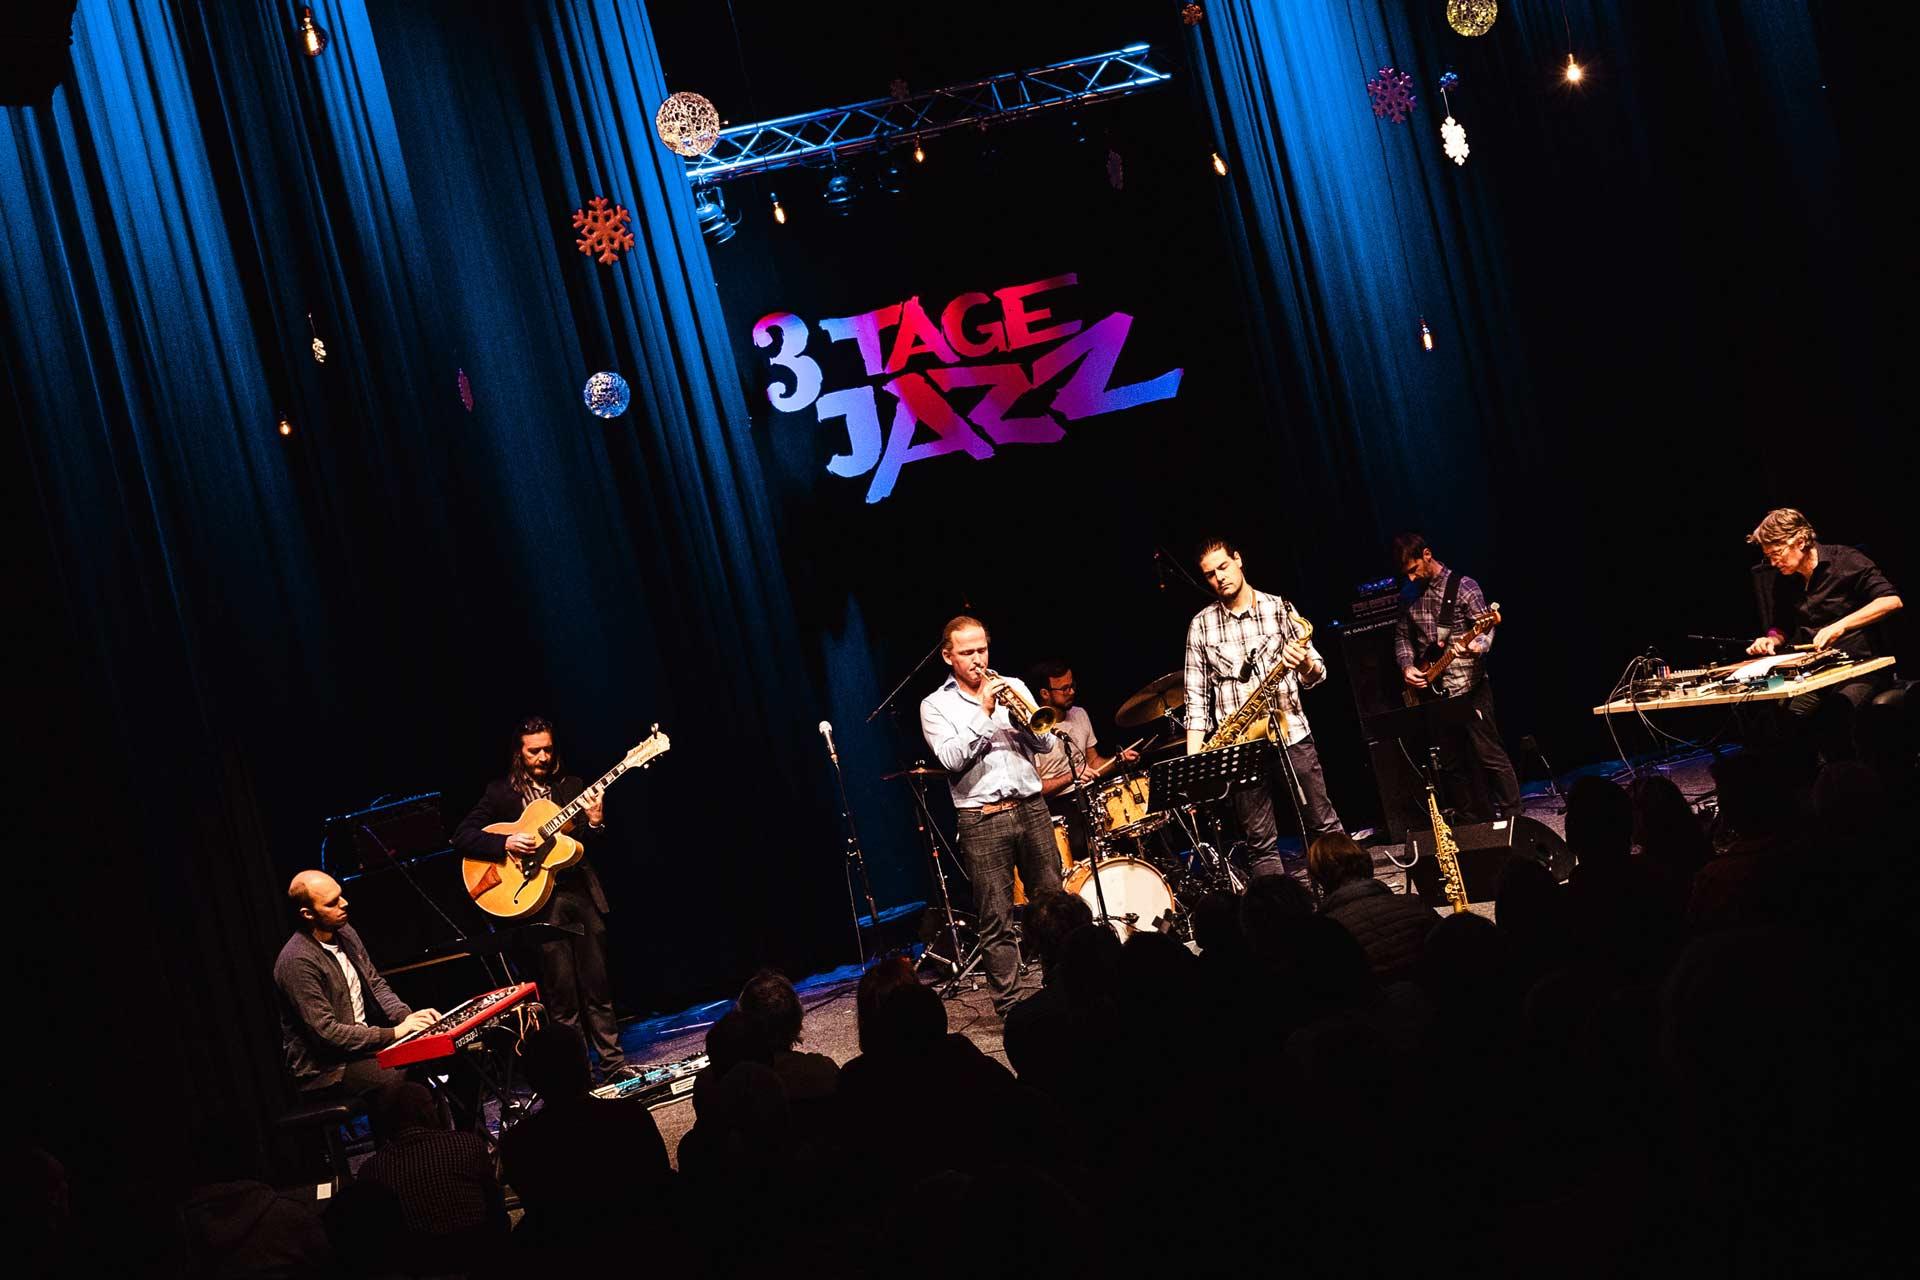 Bühnenschild 3-Tage Jazz